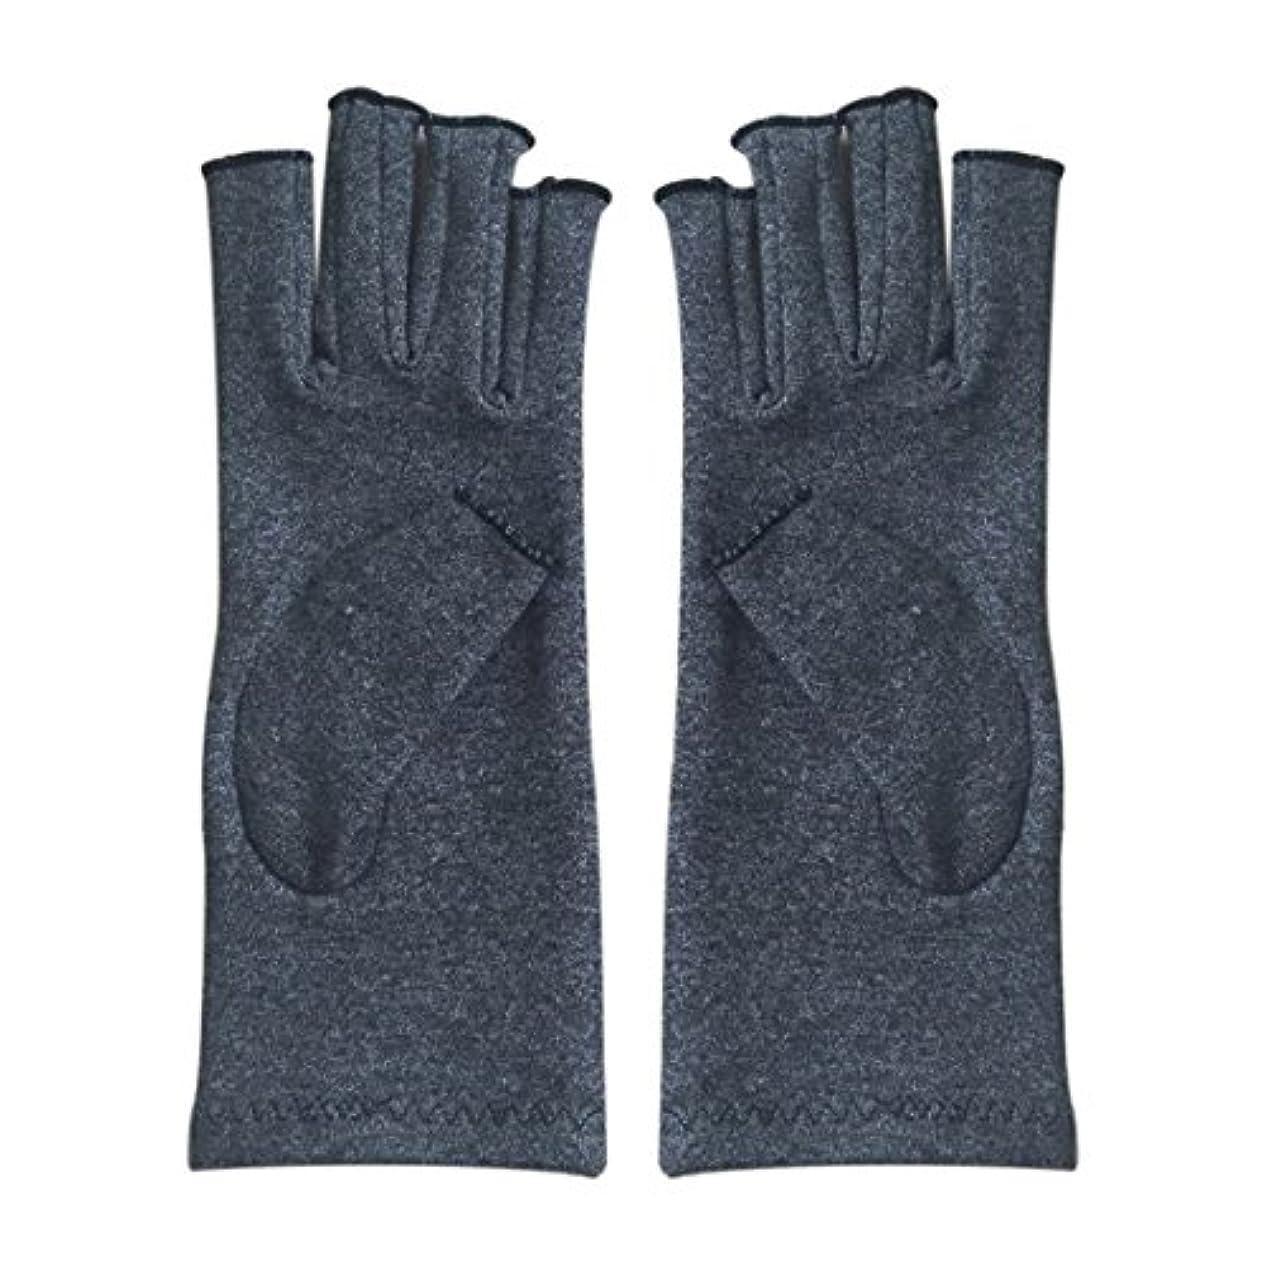 雨ジャンピングジャックCUHAWUDBA 1ペア成人男性女性用弾性コットンコンプレッション手袋手関節炎関節痛鎮痛軽減M - 灰色、M